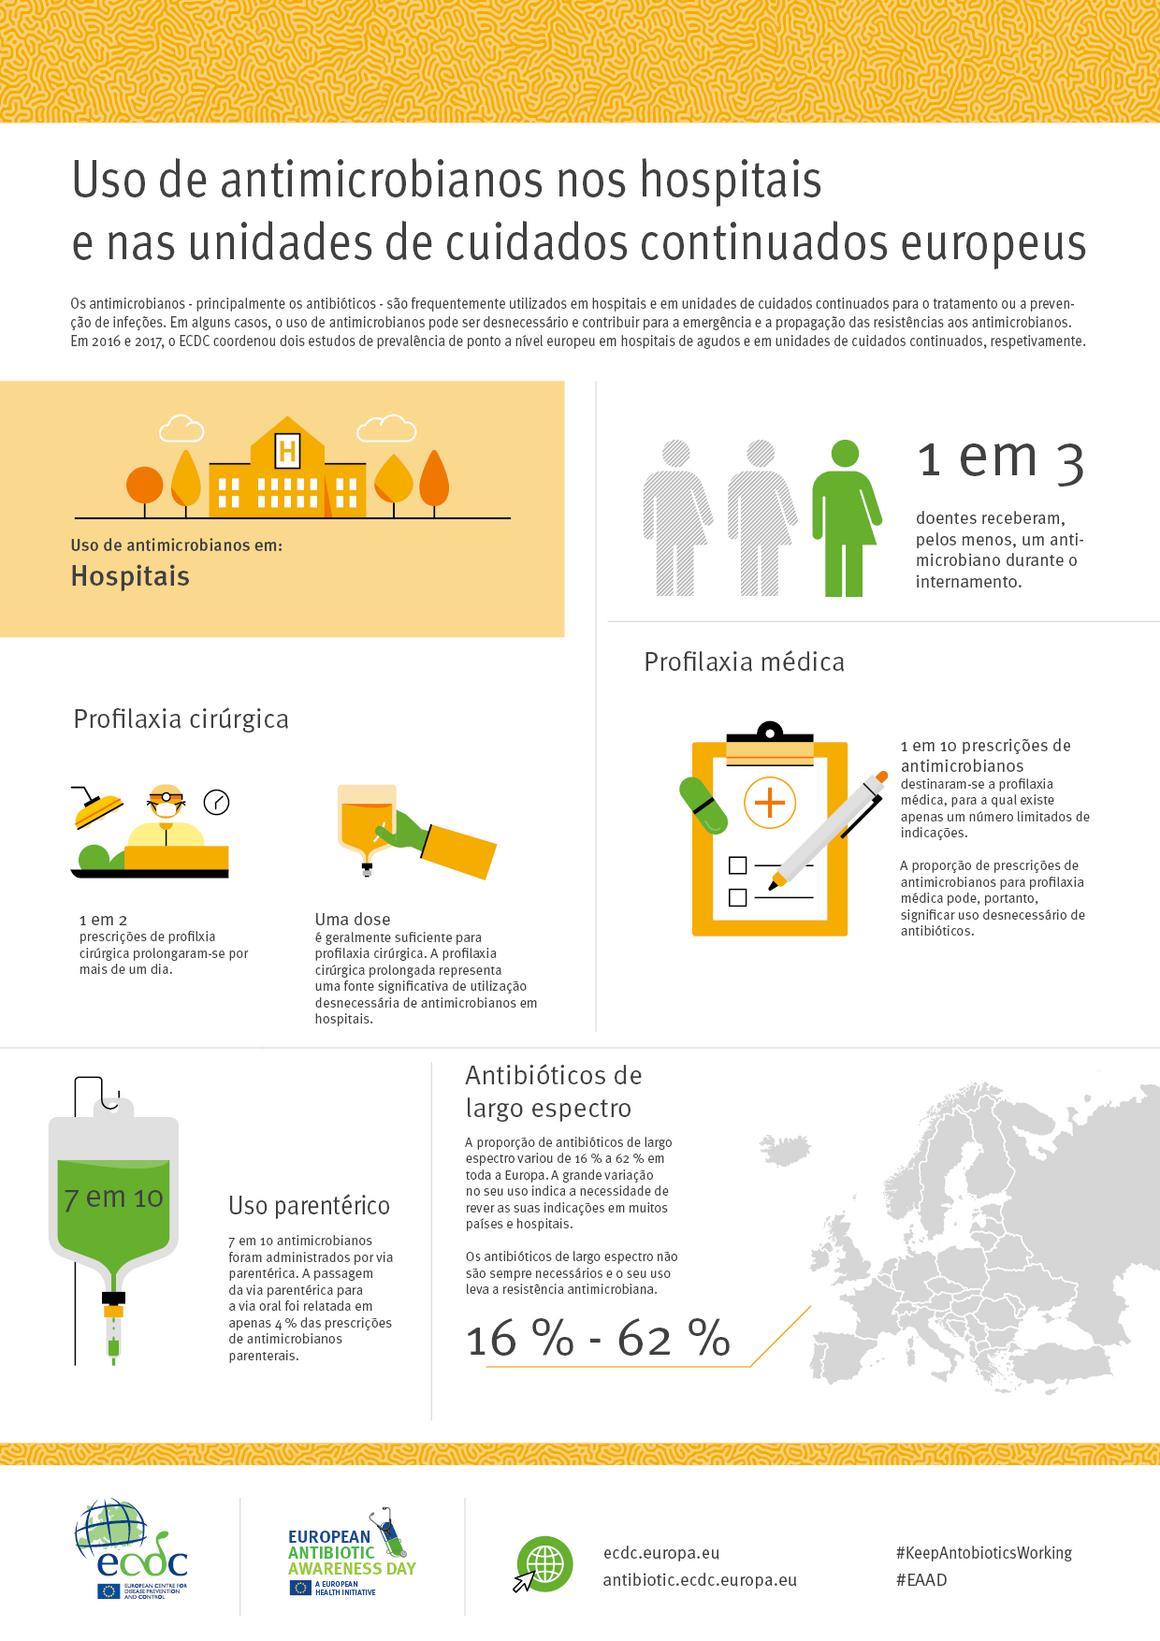 Uso de antimicrobianos nos hospitais e nas unidades de cuidados continuados europeus